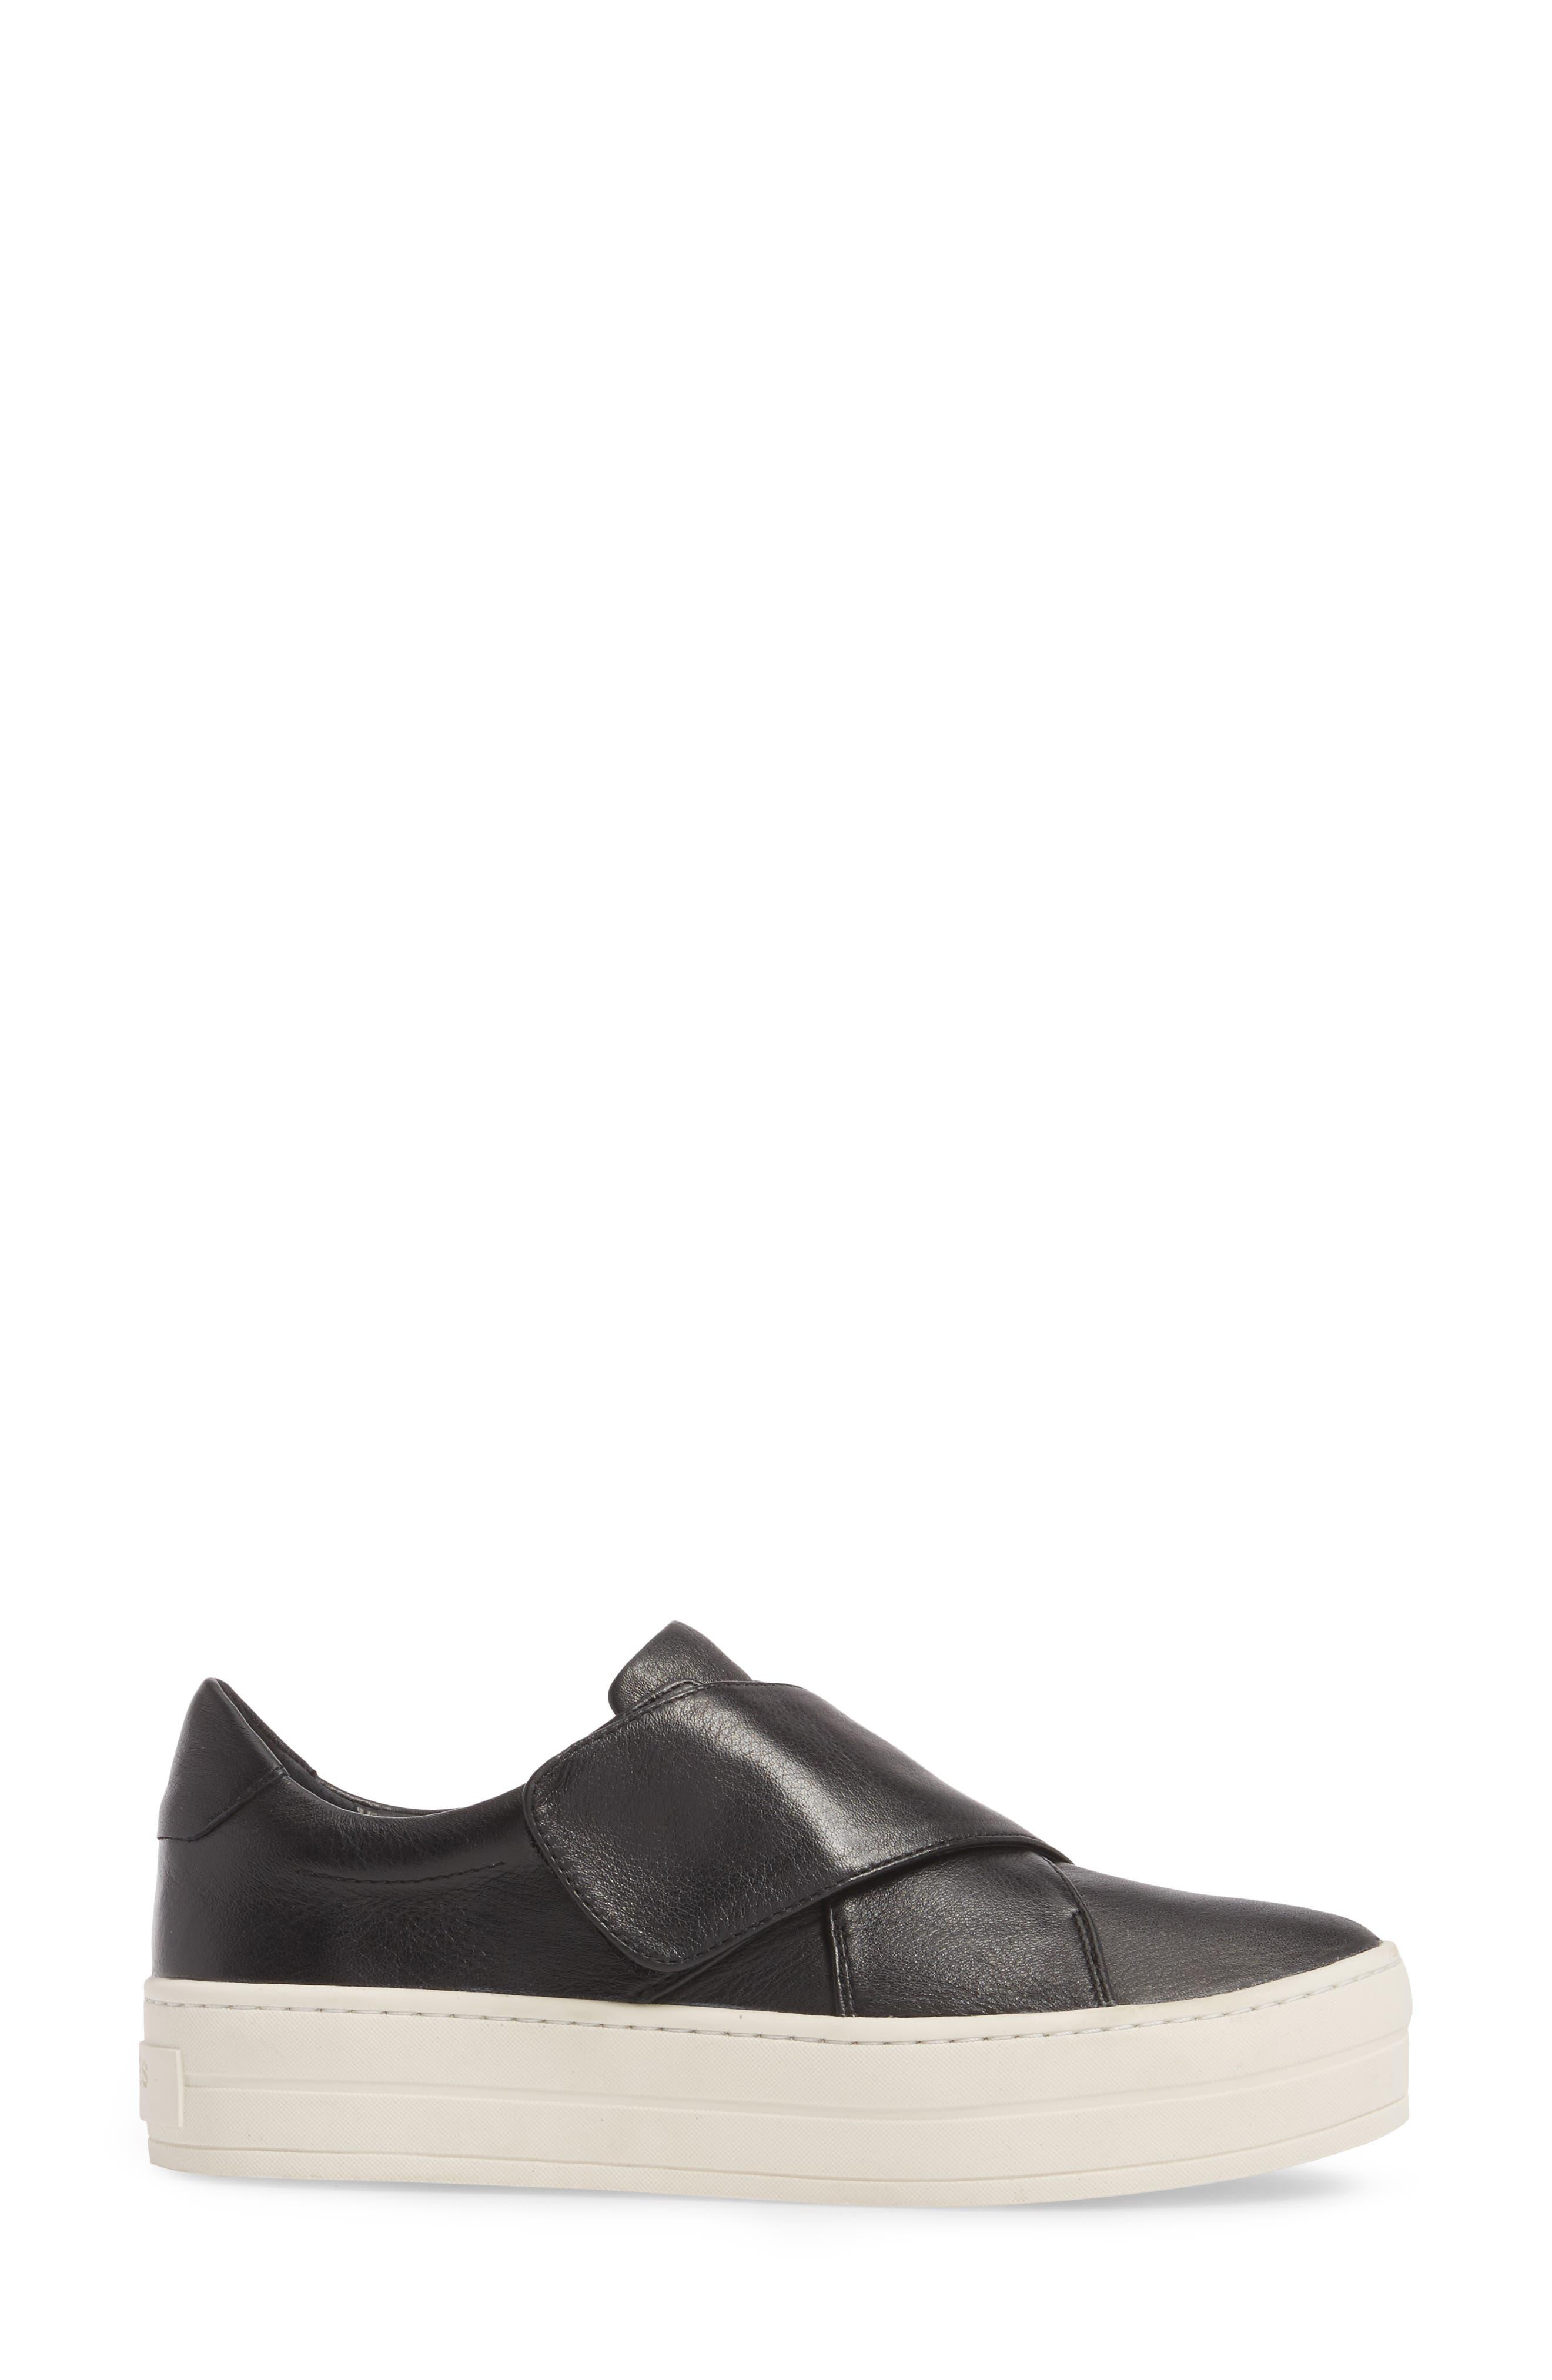 Harper Sneaker,                             Alternate thumbnail 3, color,                             Black Leather